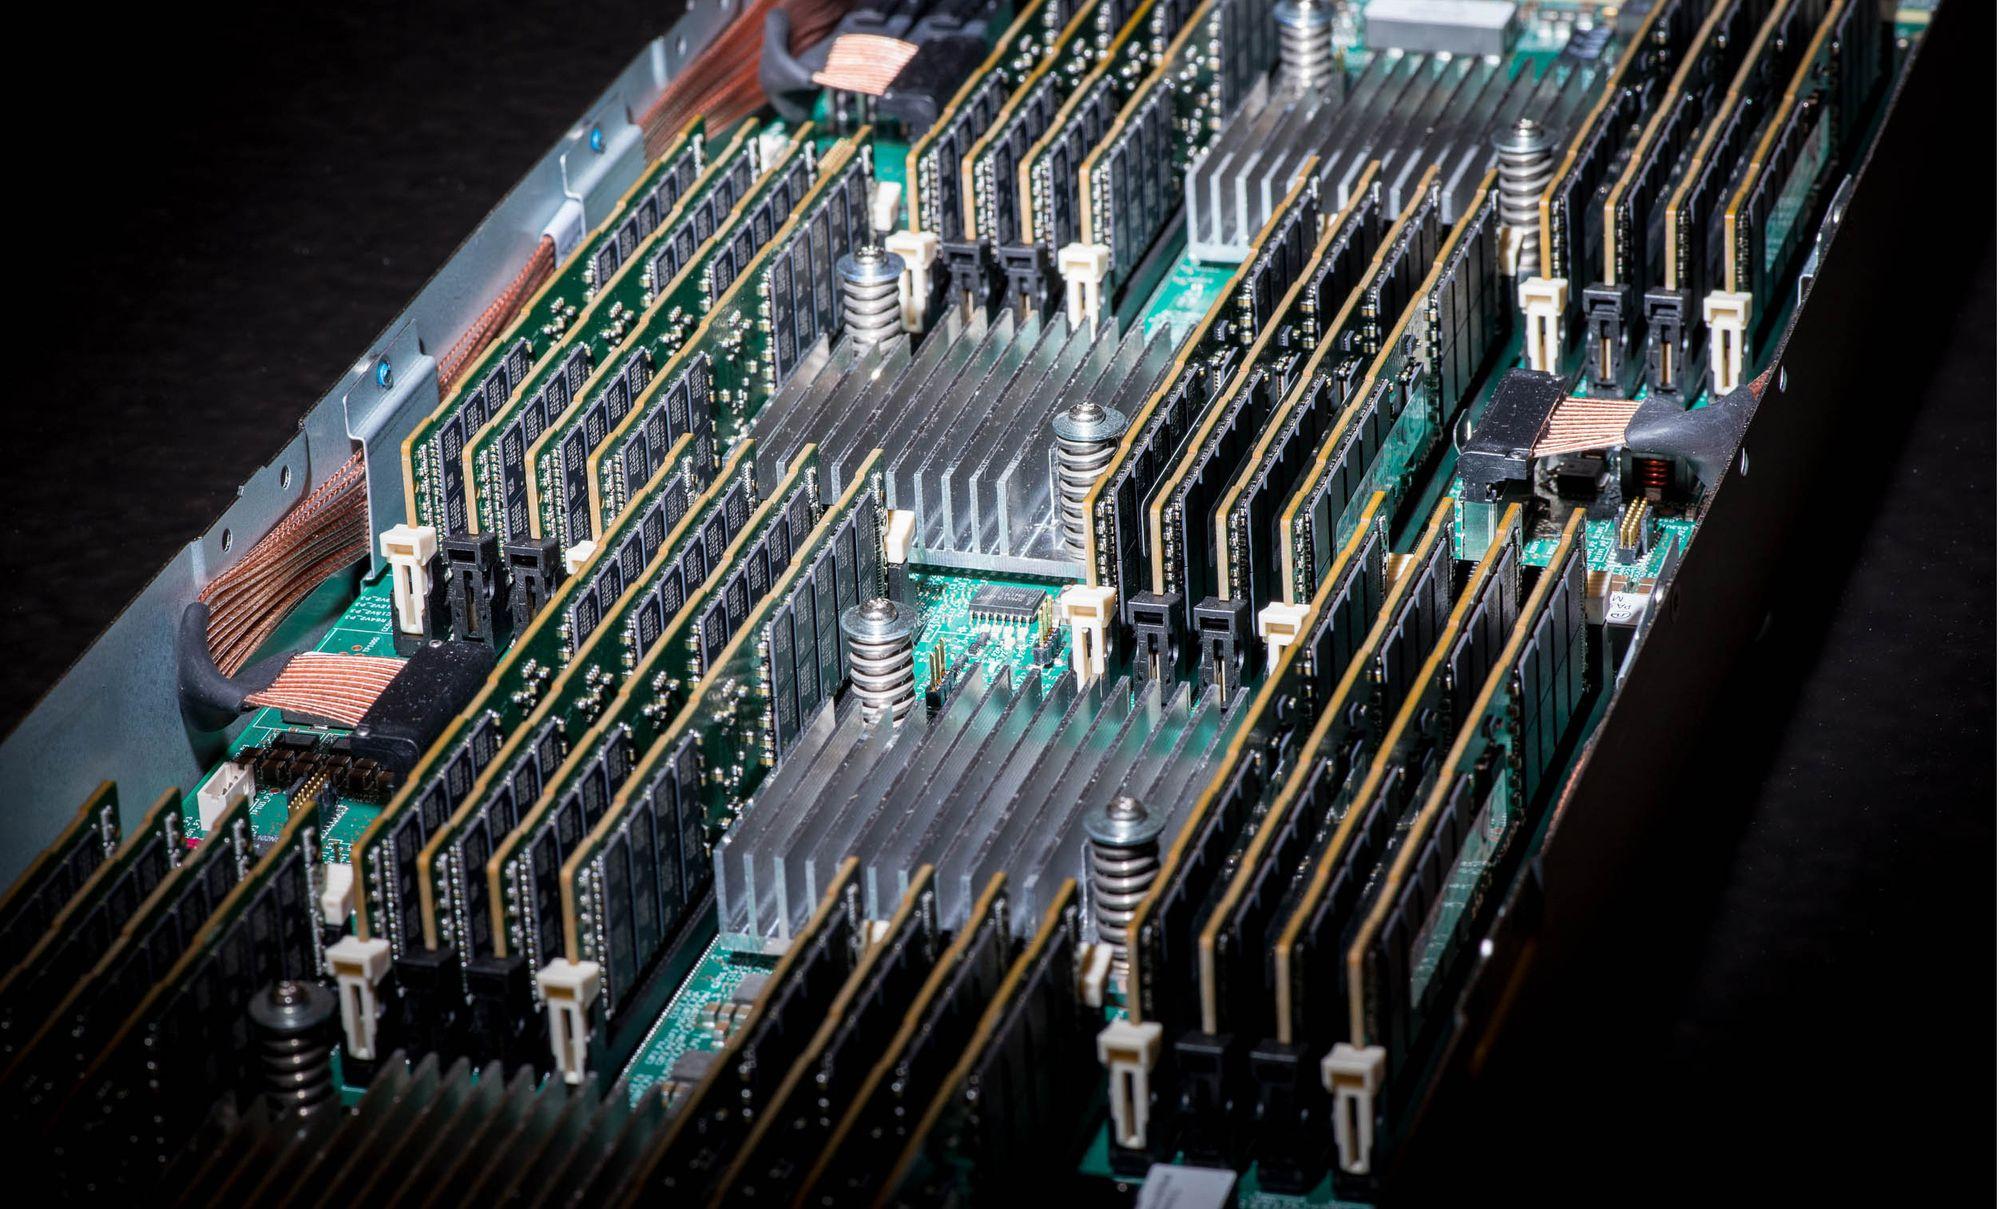 Et av kretskortene til HPEs nye prototype. Som man ser, er hvert kort utstyrt med mange minnemoduler.